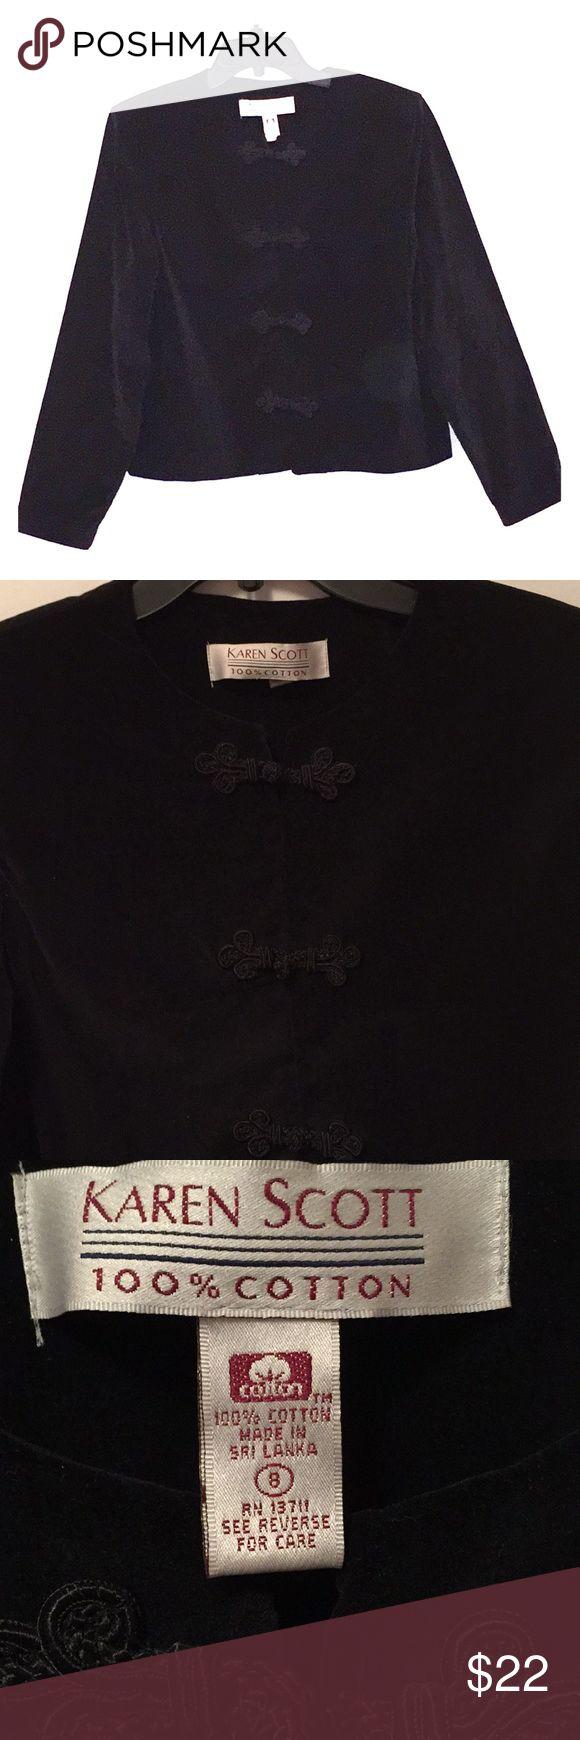 Karen Scott Jacket Velveteen black jackets. Size 8. Armpit to armpit approximately 18 inches across. Length from shoulder to hem approximately 22 inches. Karen Scott Jackets & Coats